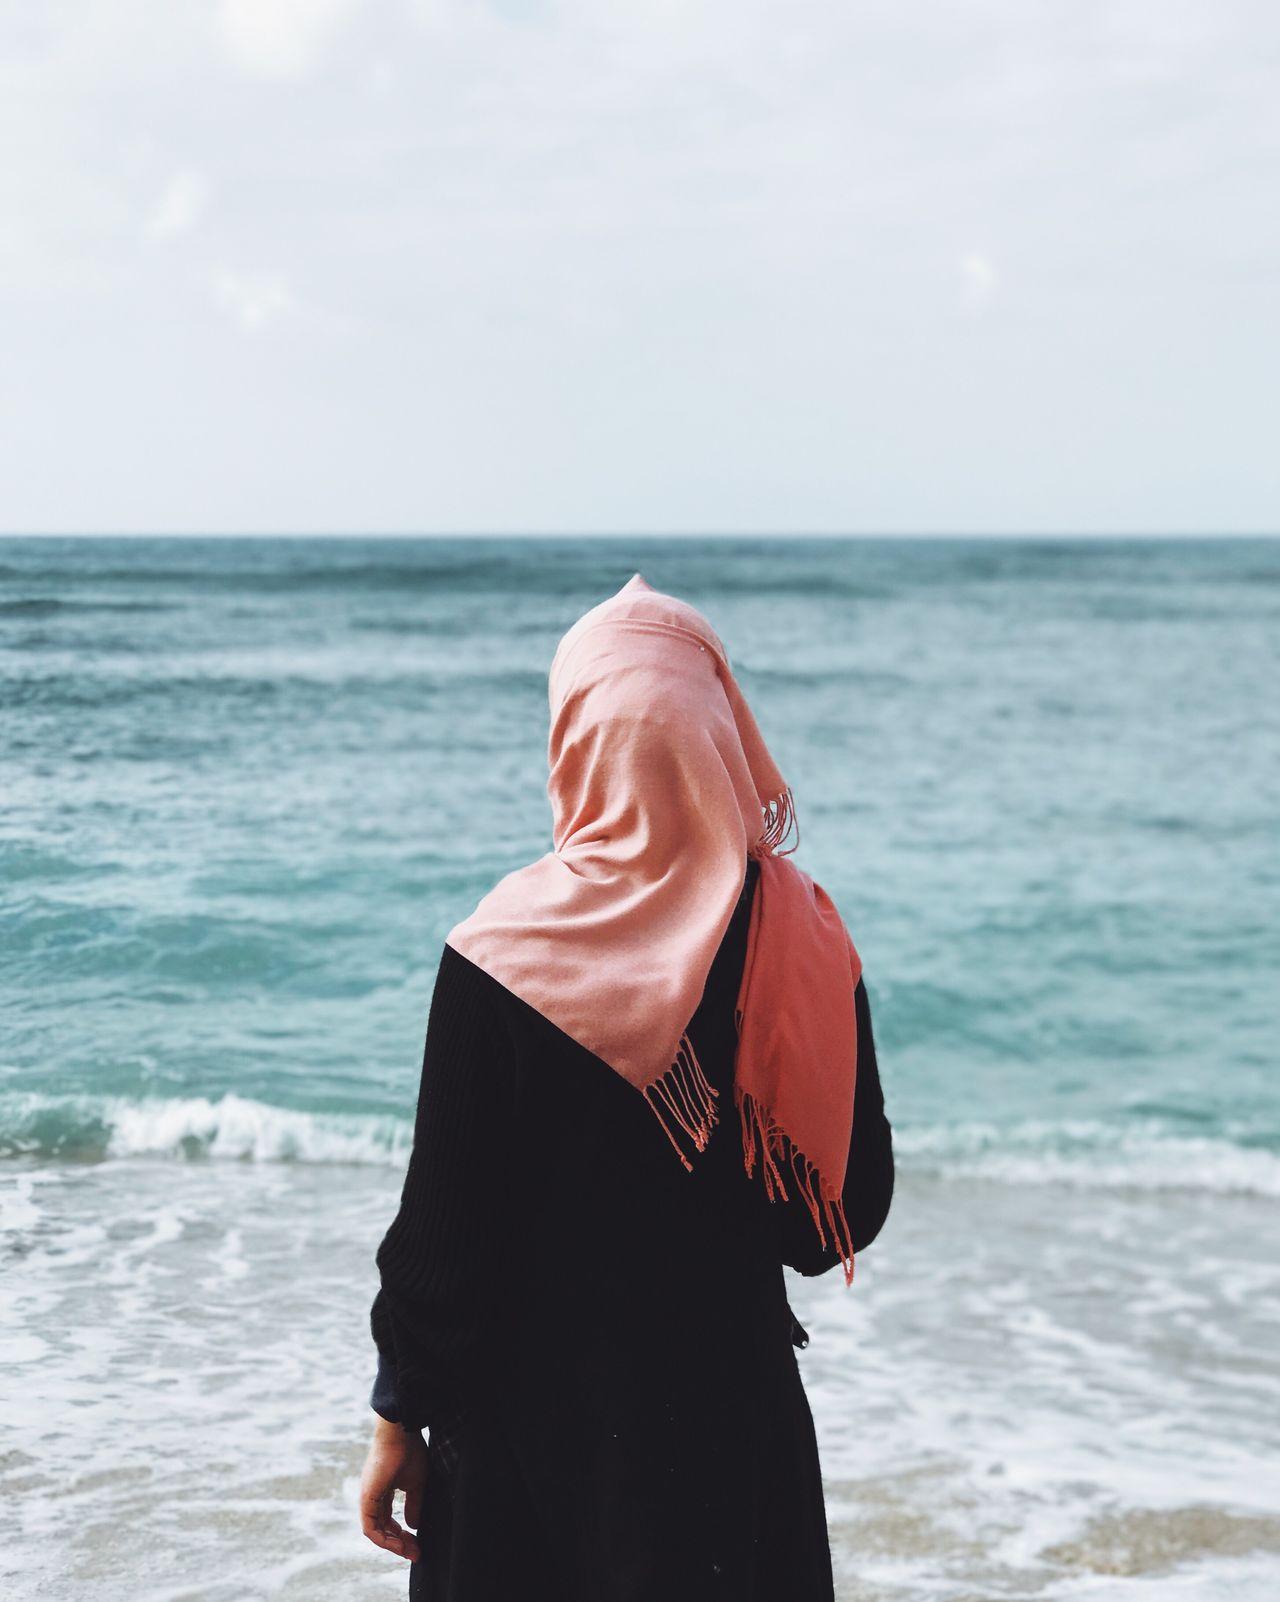 Mid adult woman on beach against sky